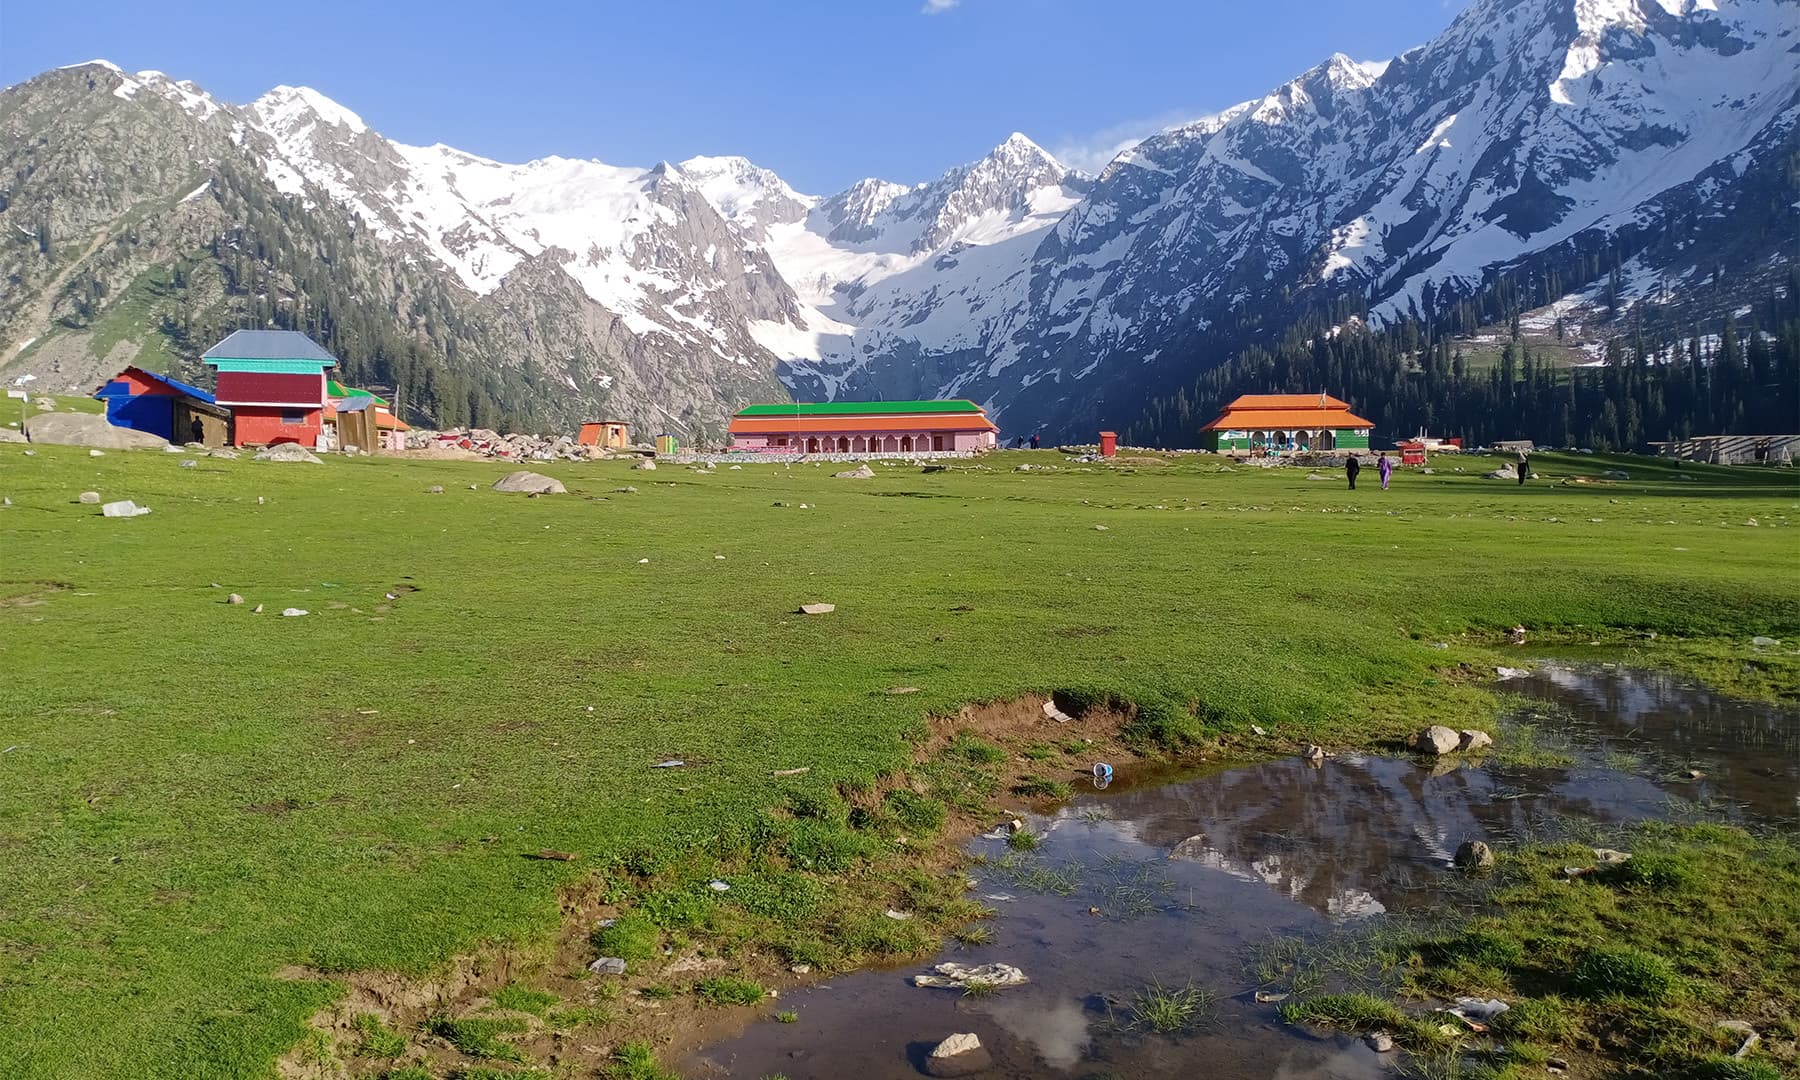 یہاں اب کئی ہوٹل بن چکے ہیں — تصویر: عظمت اکبر